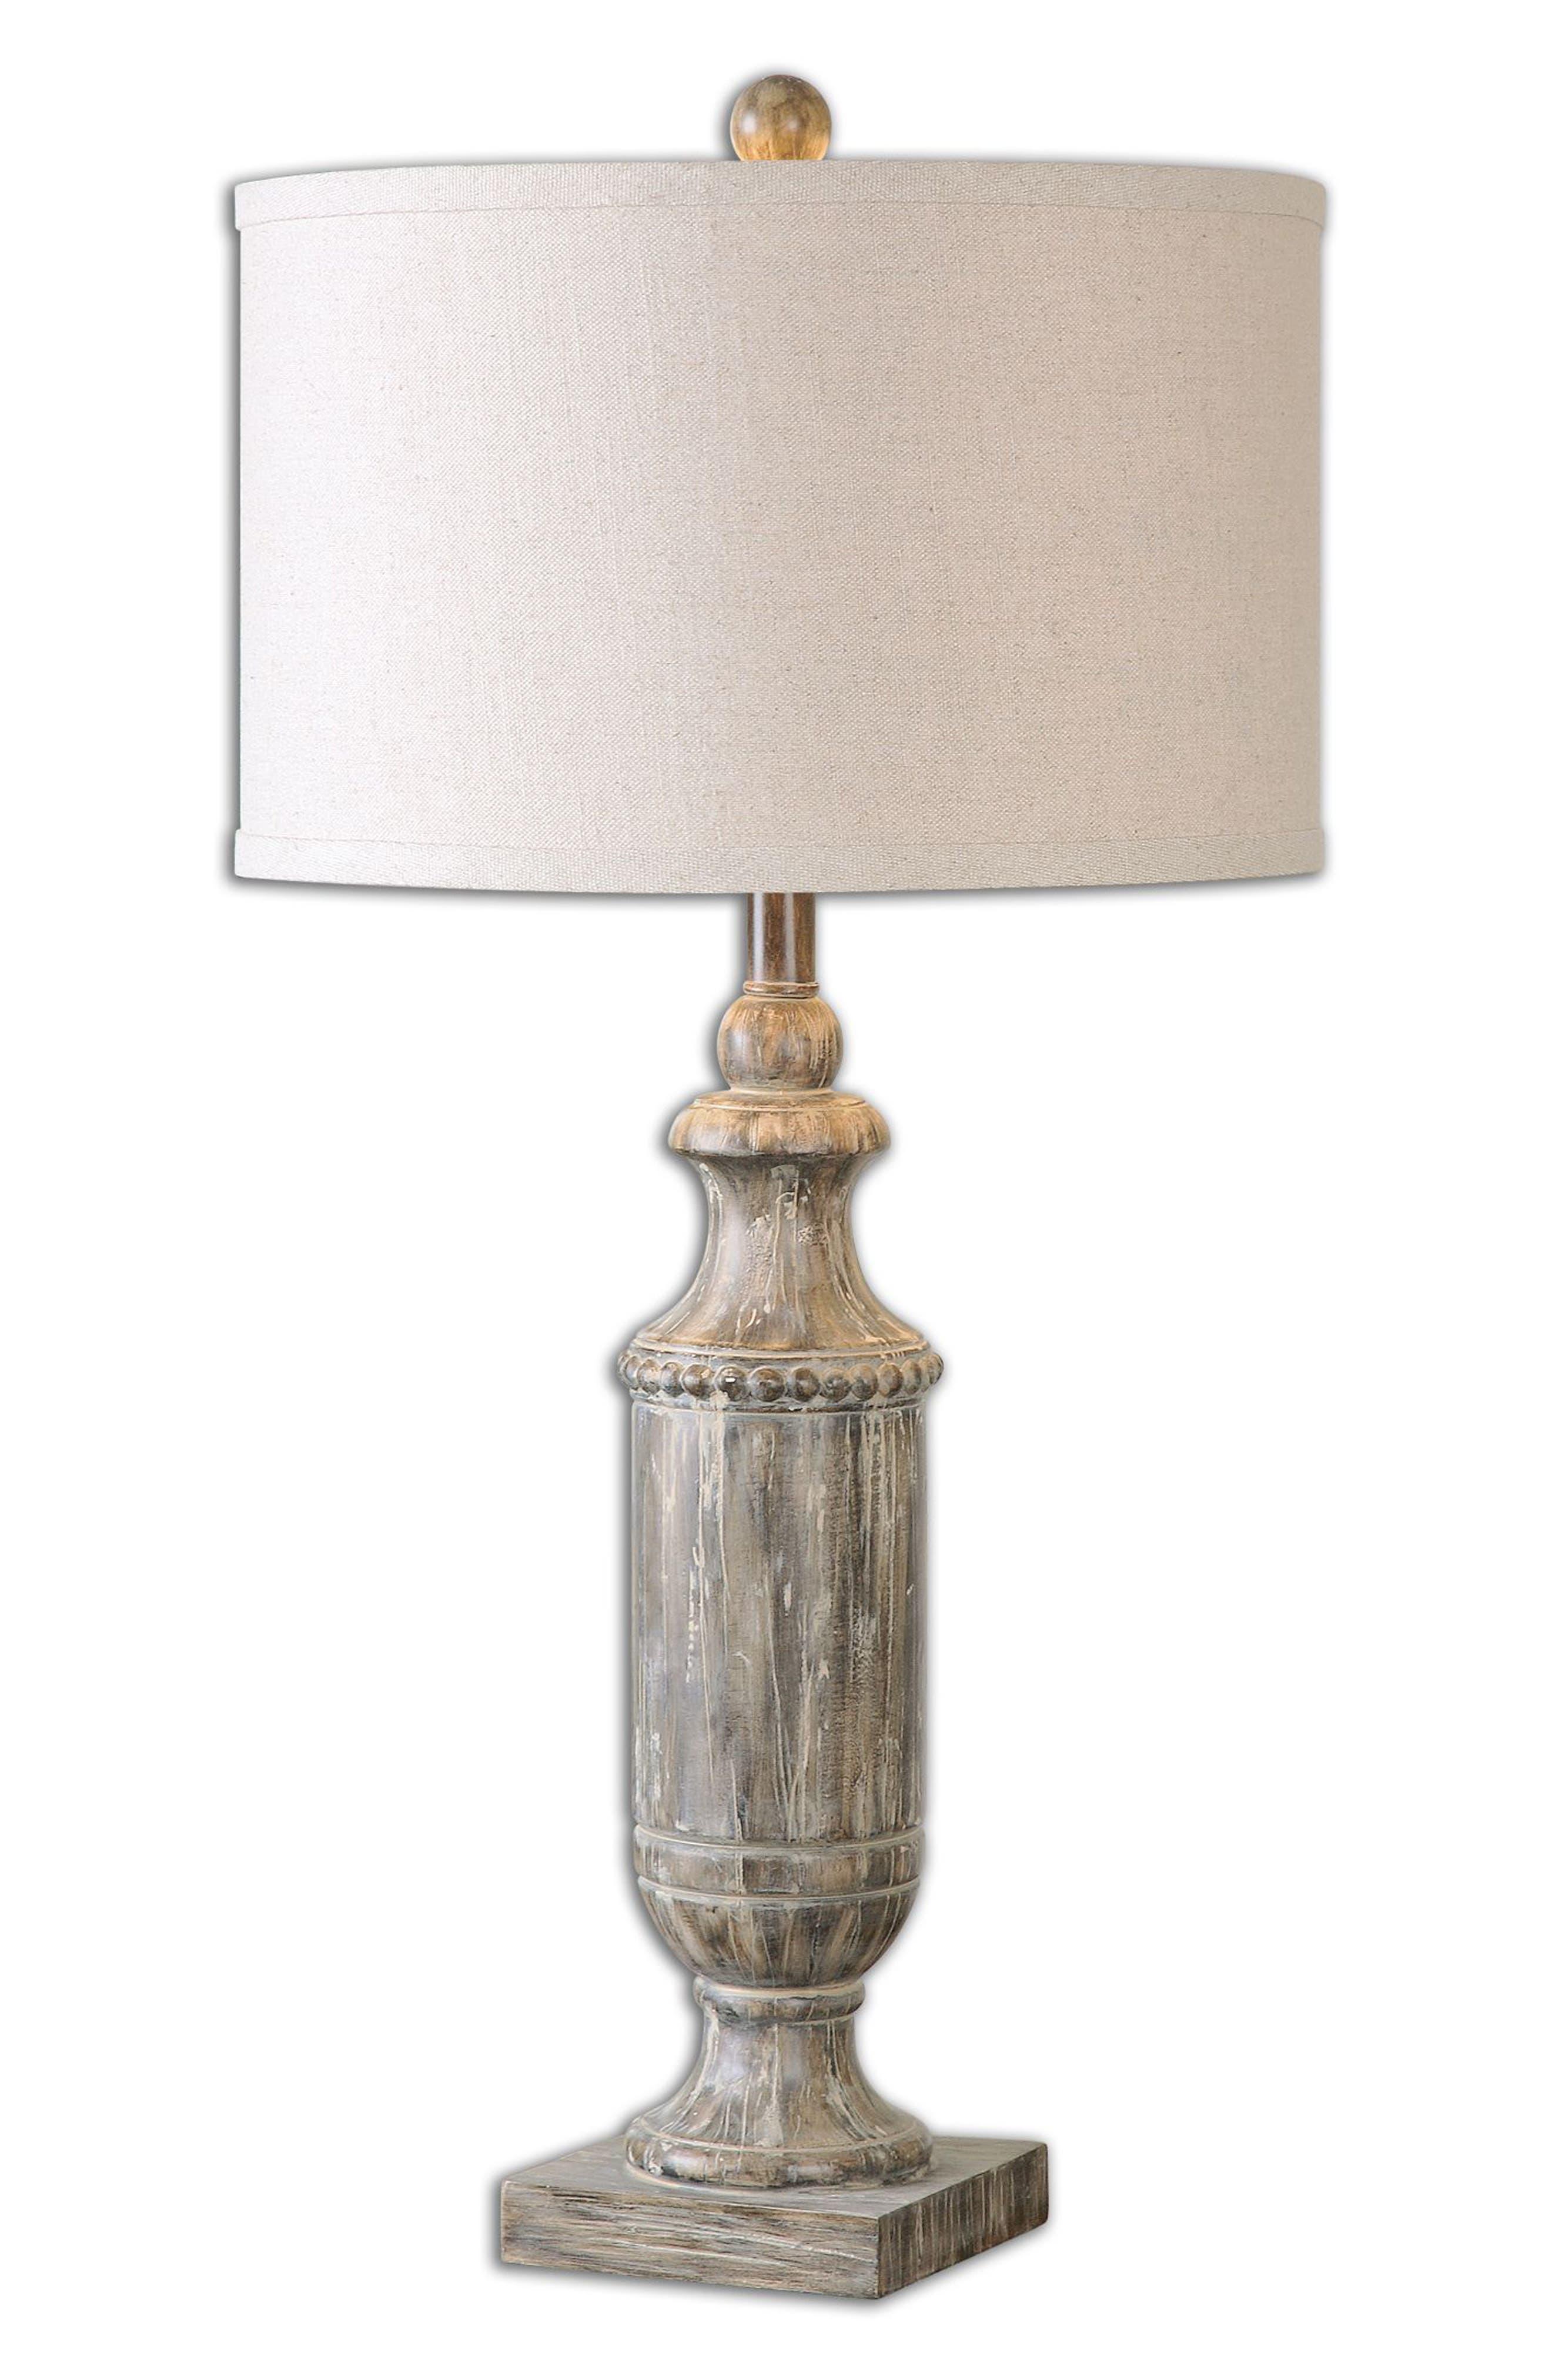 Agliano Table Lamp,                             Main thumbnail 1, color,                             710